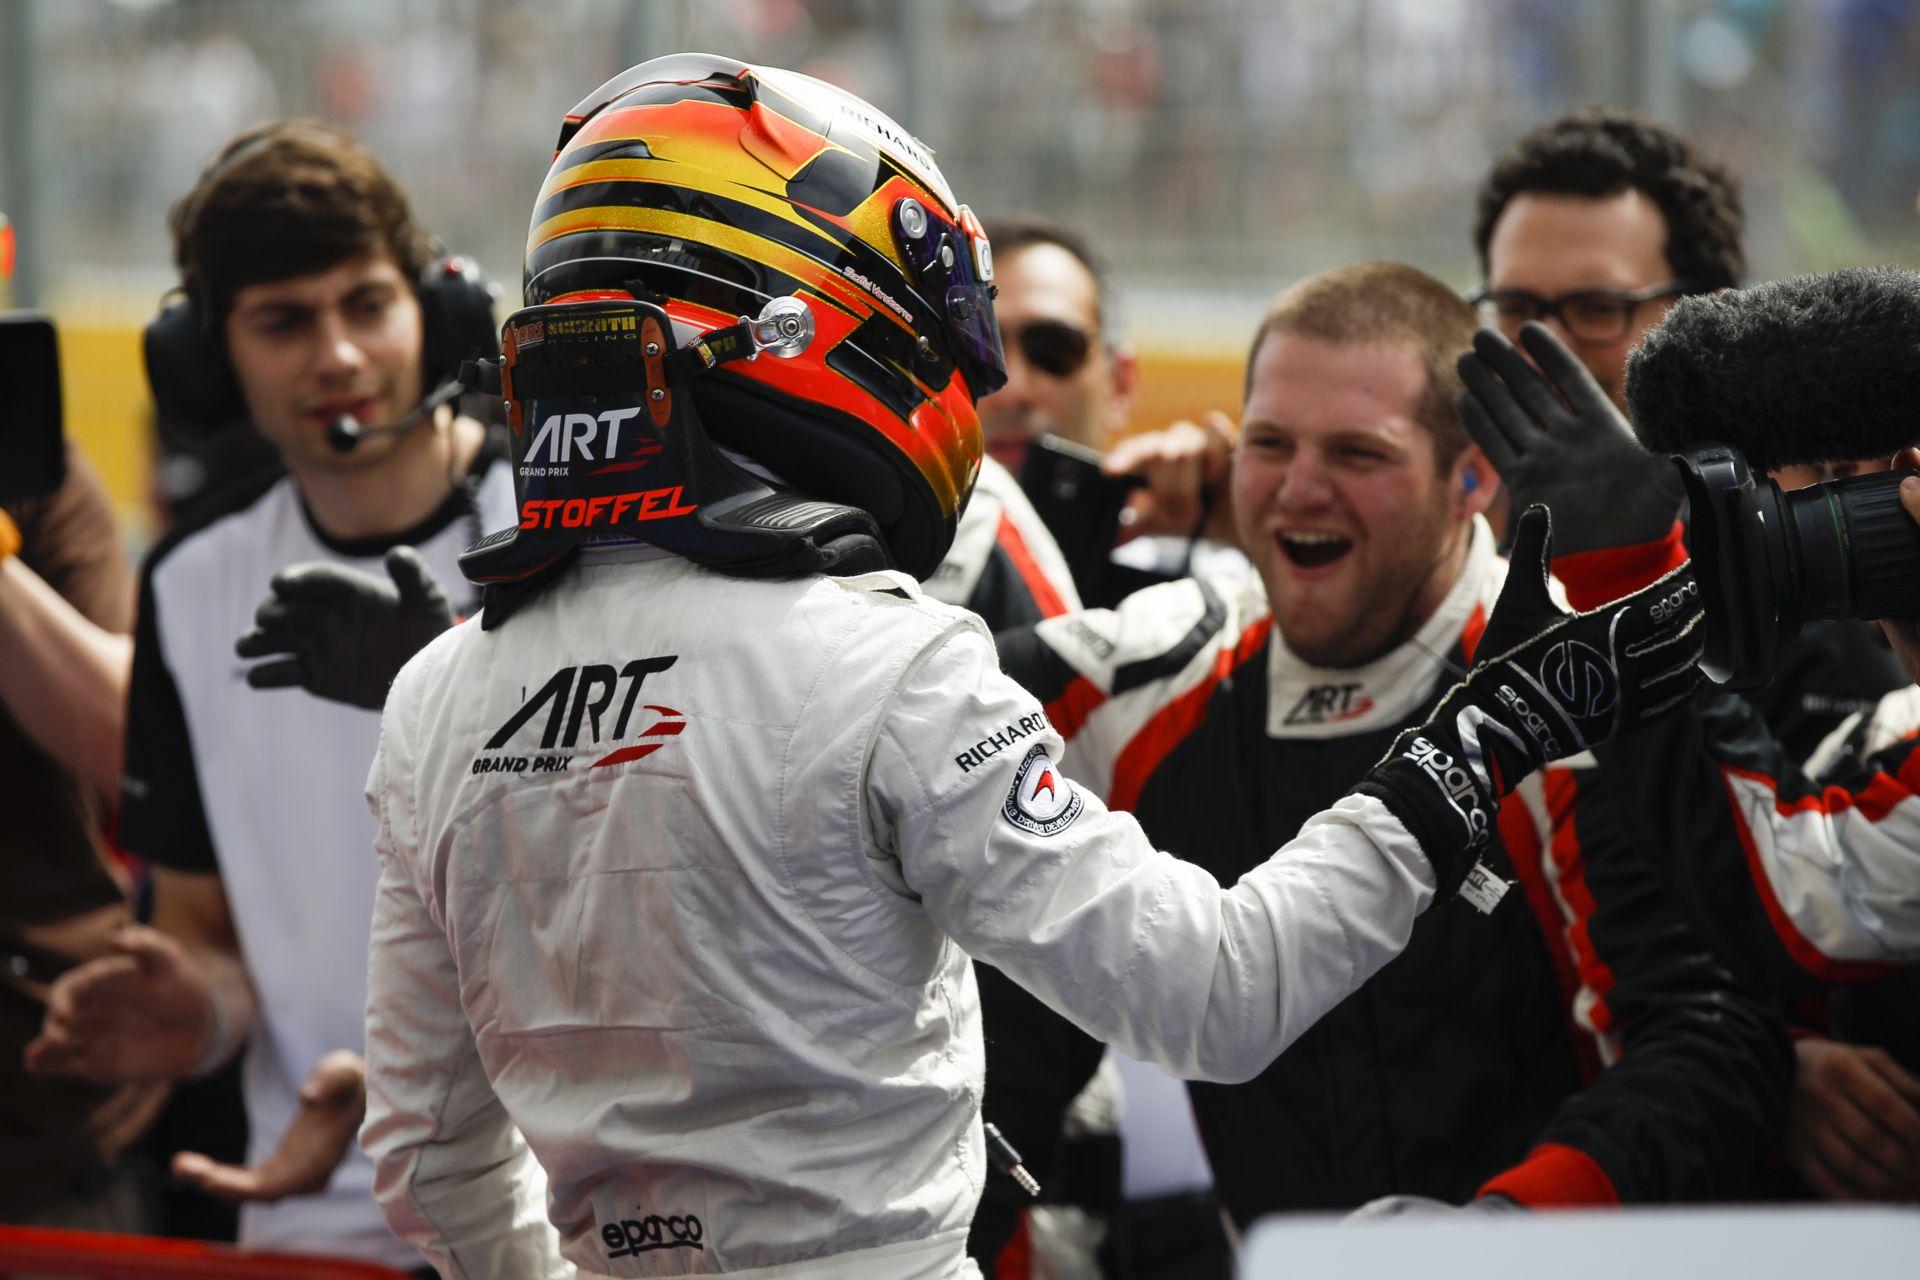 A csapatfőnök szerint, ha Vandoorne nem kap ülést jövőre az F1-ben, az hatalmas katasztrófa